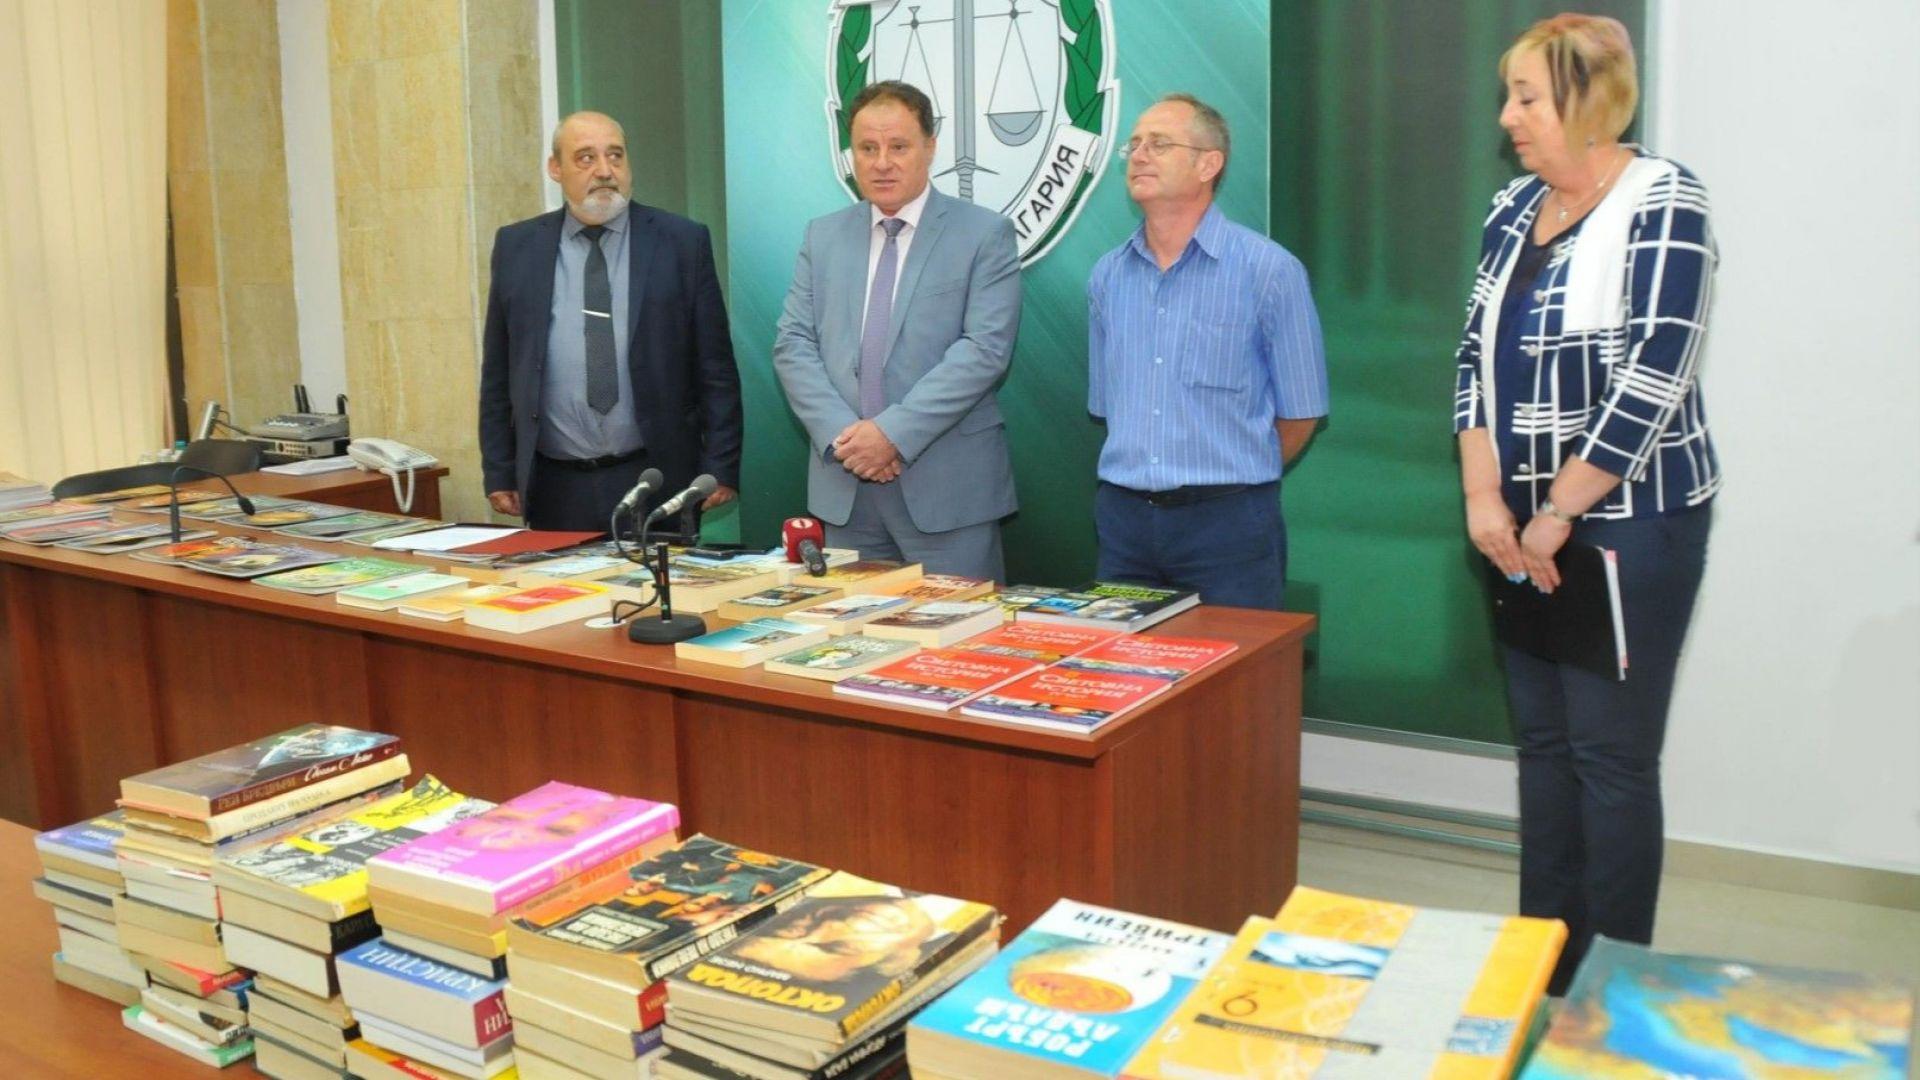 Прокурори и следователи дариха книги на затвора в Бургас